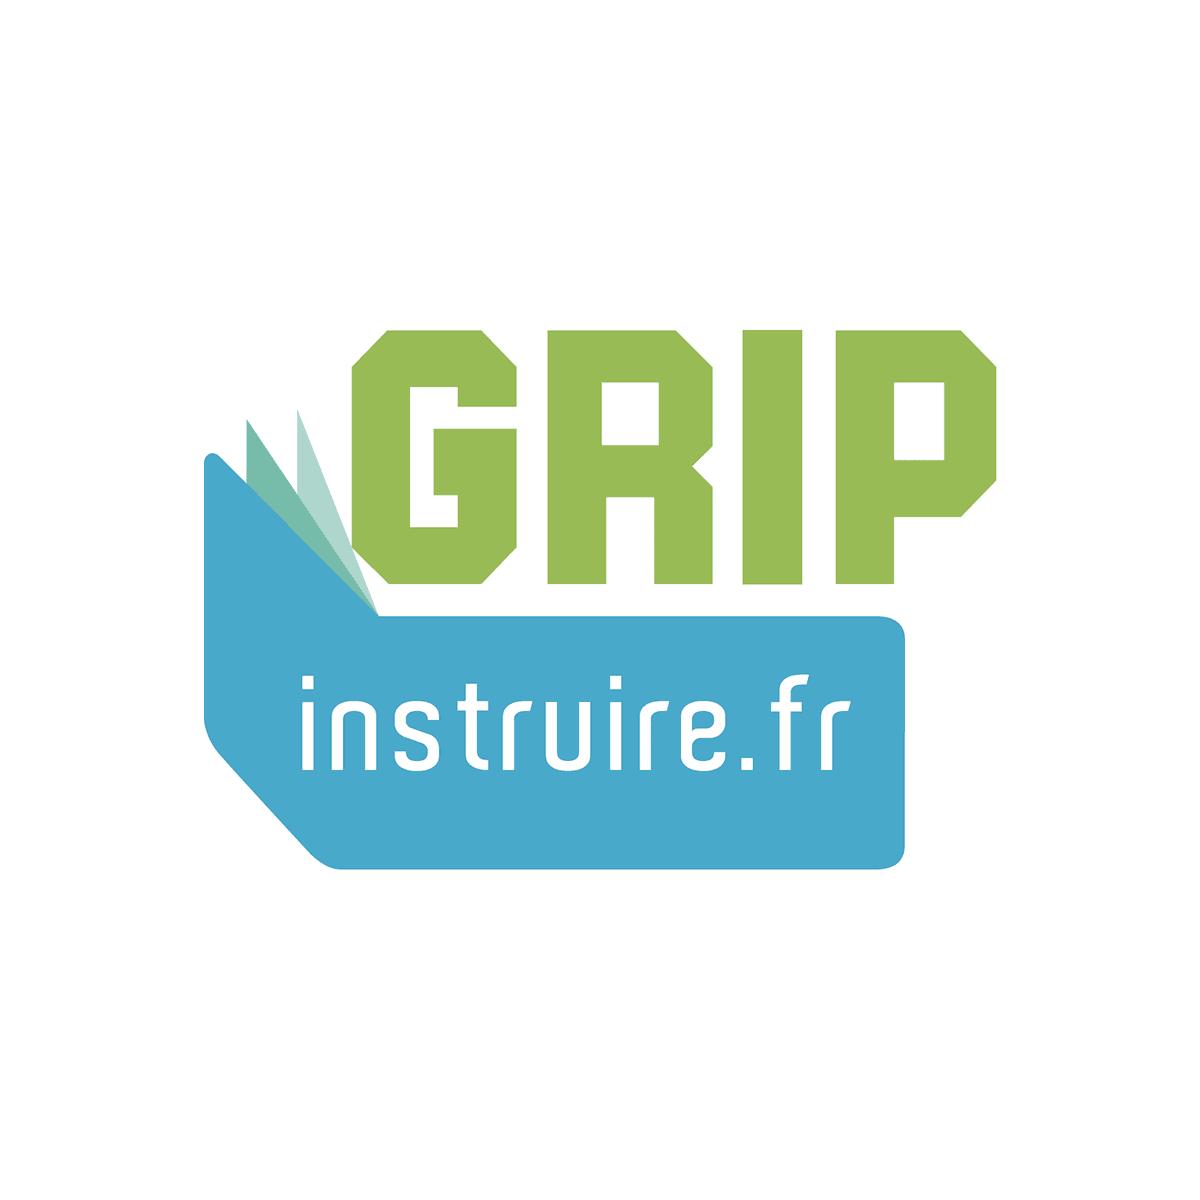 (c) Instruire.fr